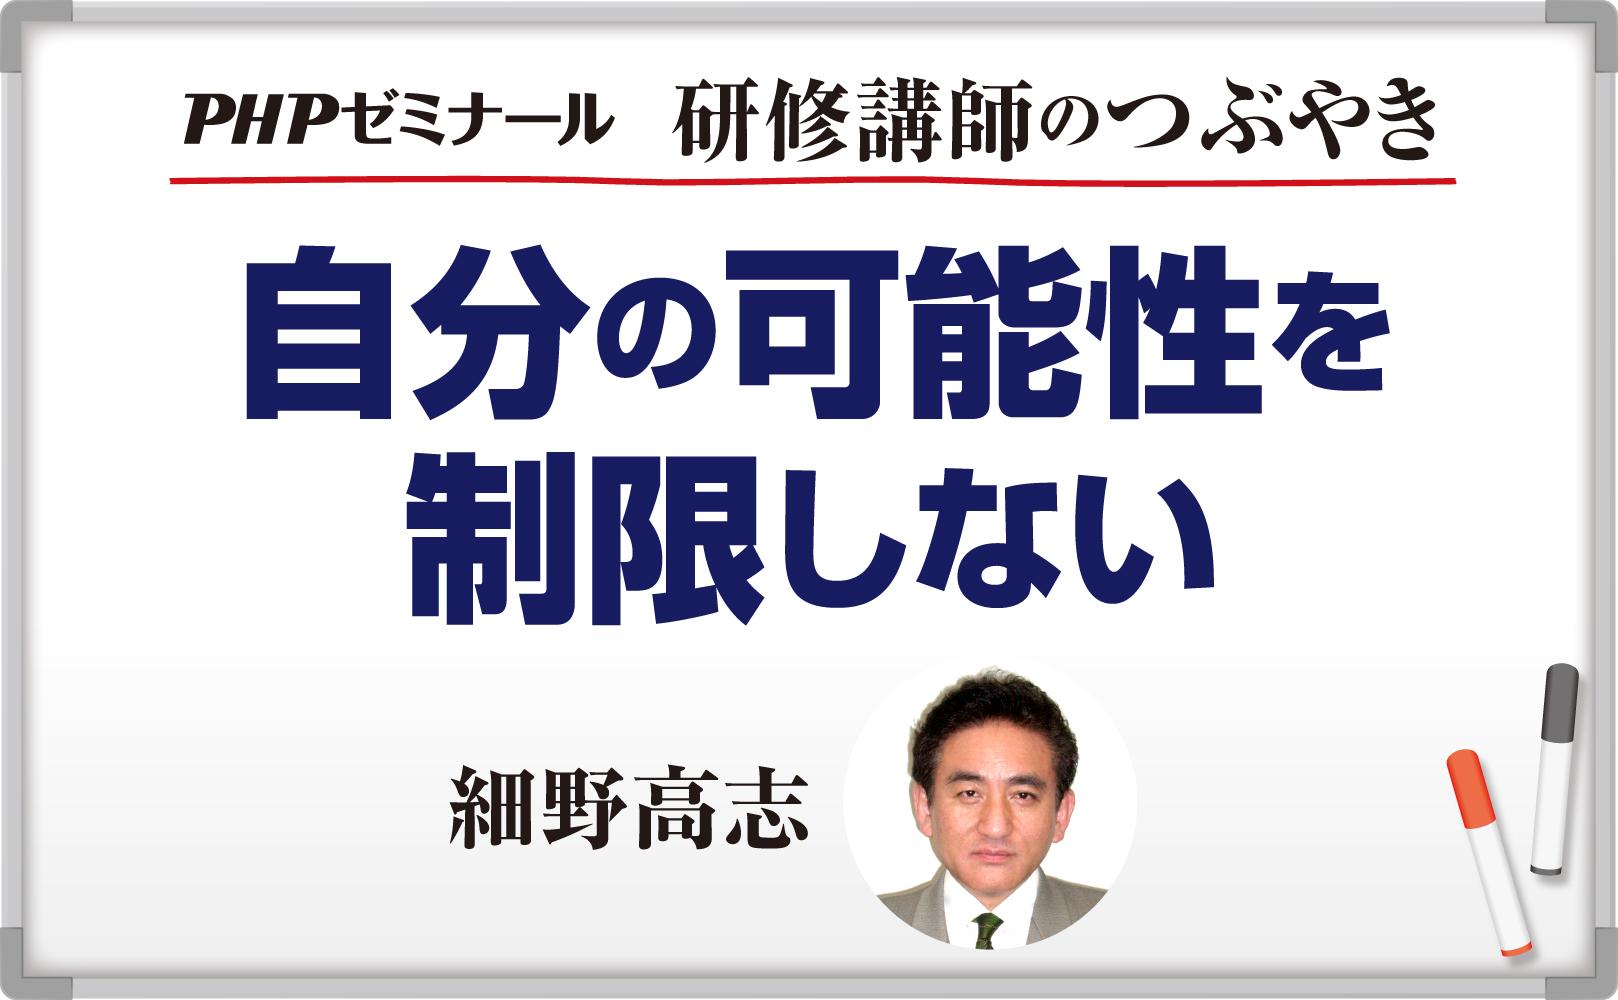 自分の可能性を制限しない【コラム】~細野高志